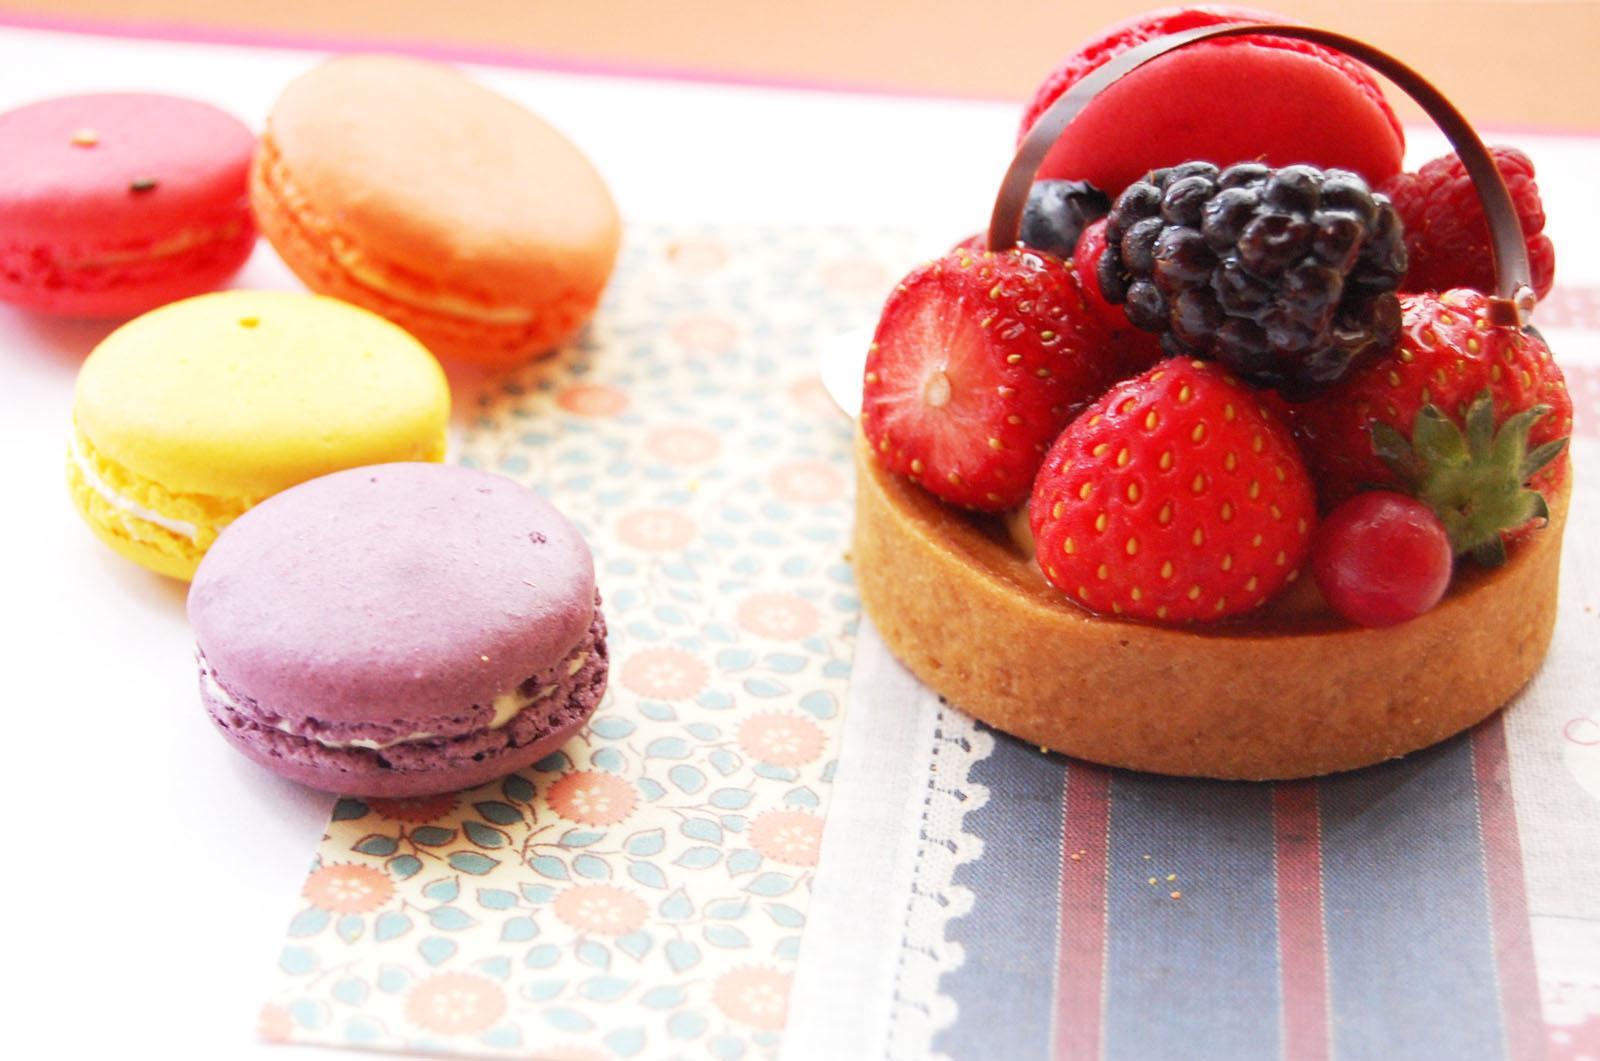 ハロウイーンのお菓子のイメージ